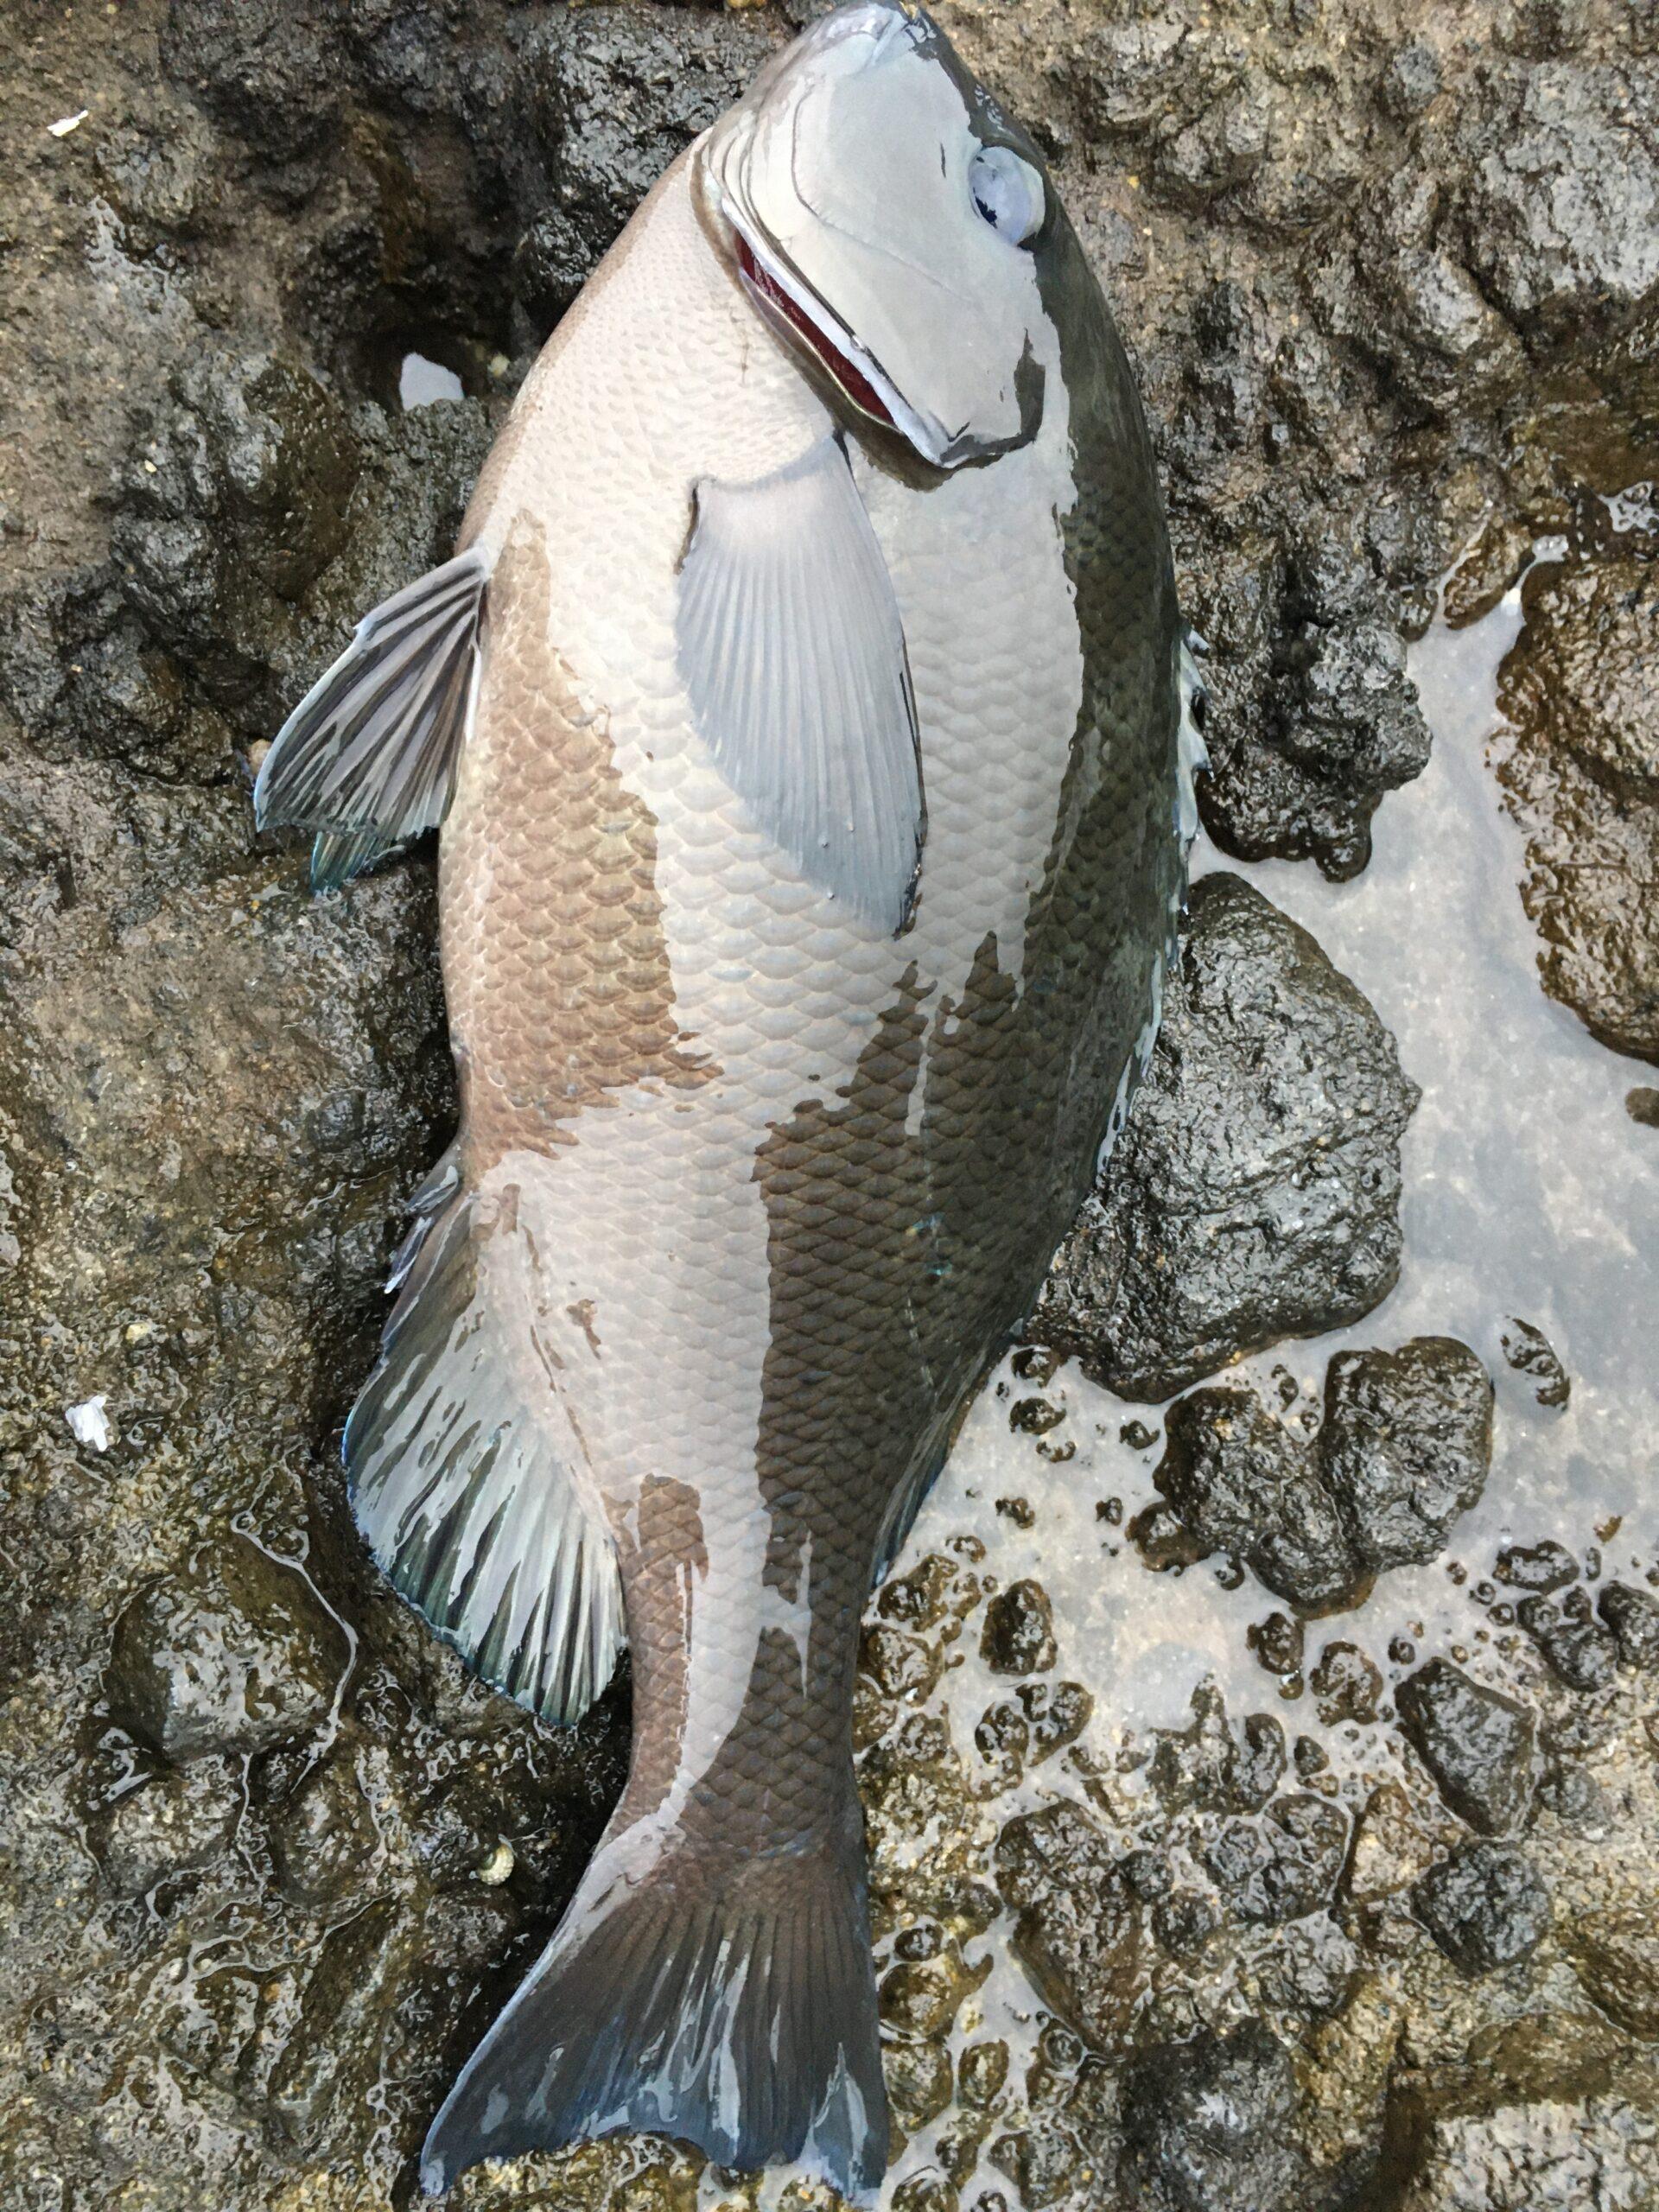 南伊豆・伊浜「丸島」にて底物釣り その2 上物釣りでグレ競技スペシャルⅢとⅣ比較しつつ